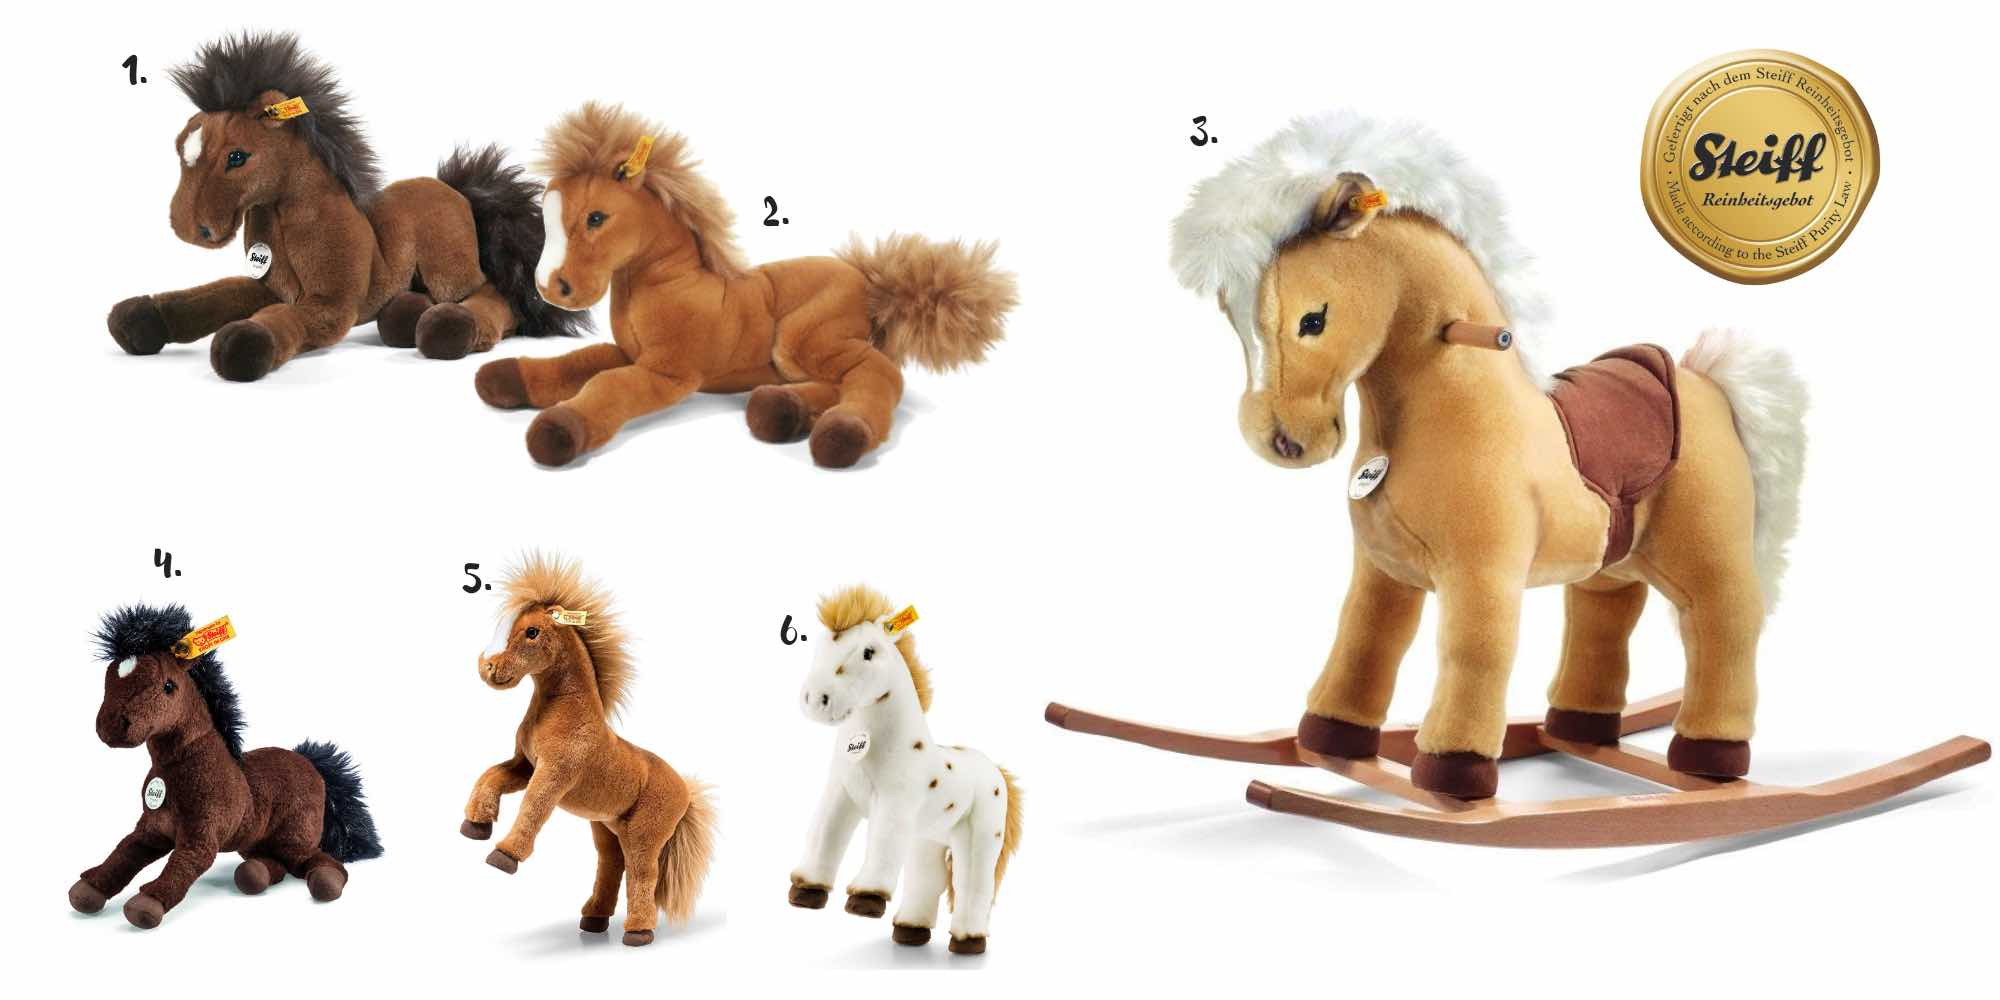 Steiff Kuscheltier Pferd, Plüschpferd, Schaukelpferd aus Plüsch, Pferde Geschenke für Mädchen und Jungen, Geschenkideen für Kinder, Pferdefreunde, Pferdefans